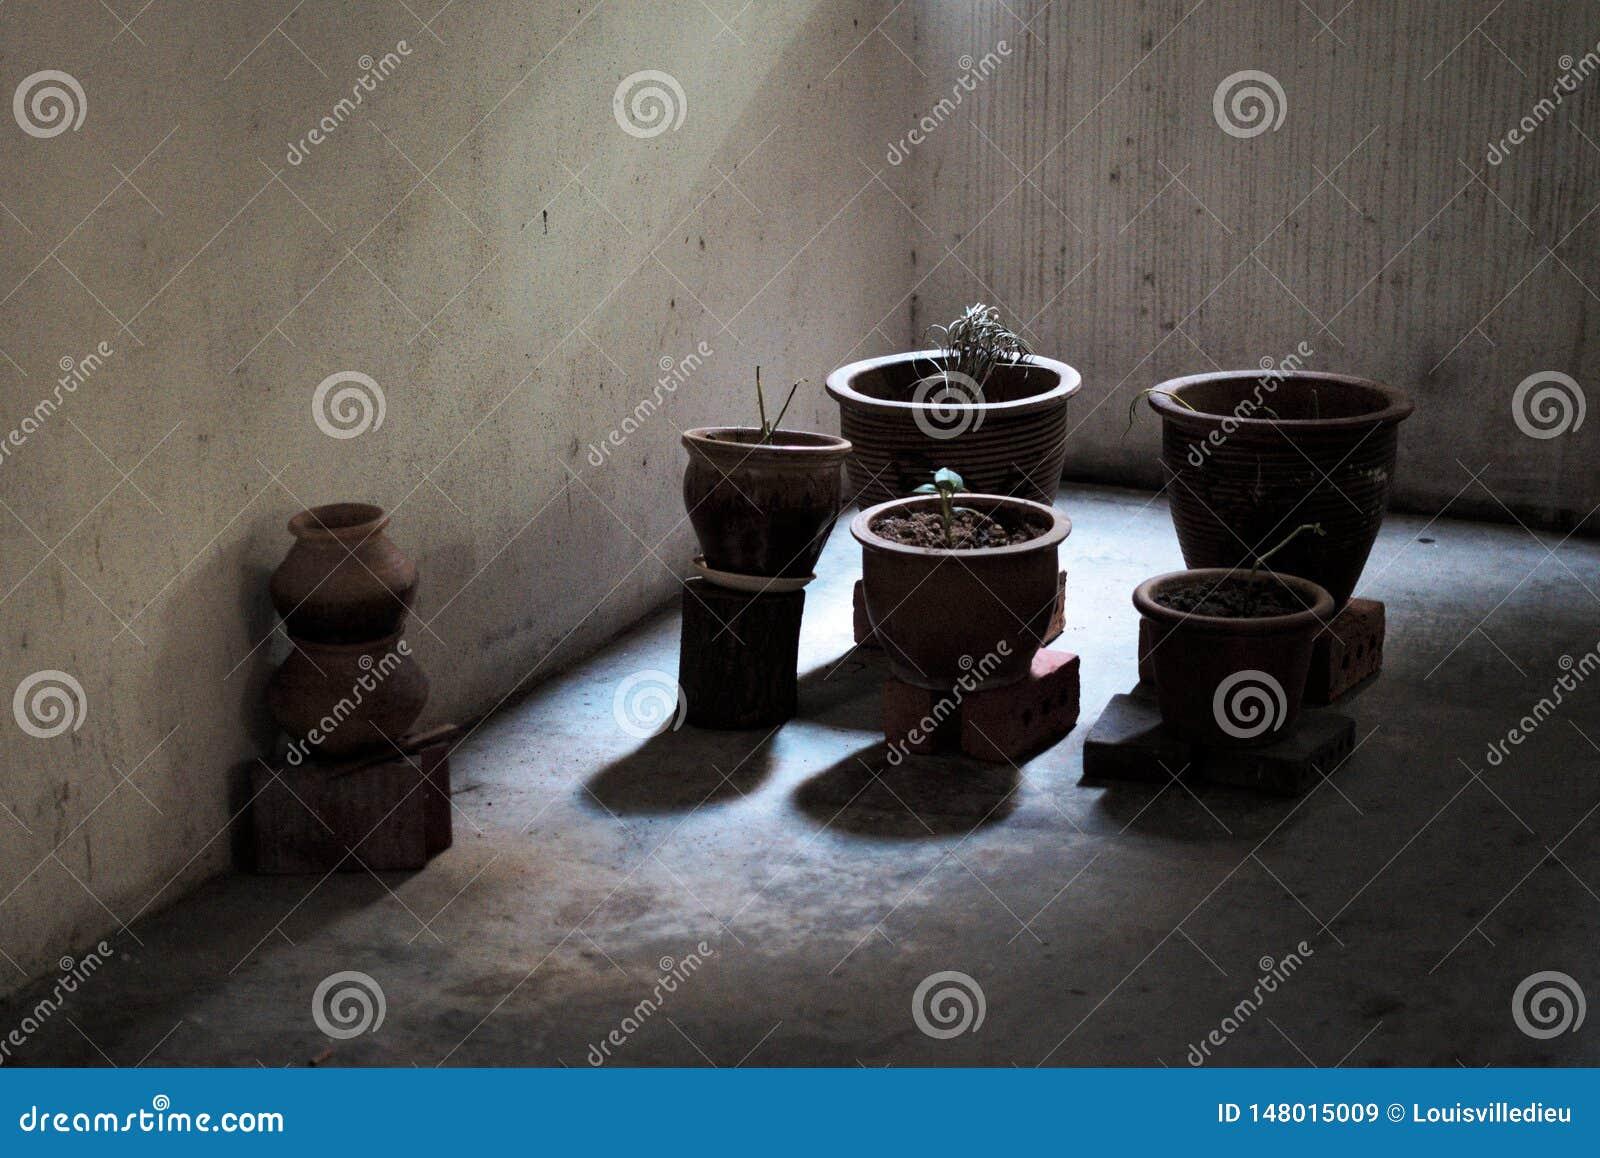 Potes de la planta en ladrillos en sombras oscuras en un pasillo complejo manchado